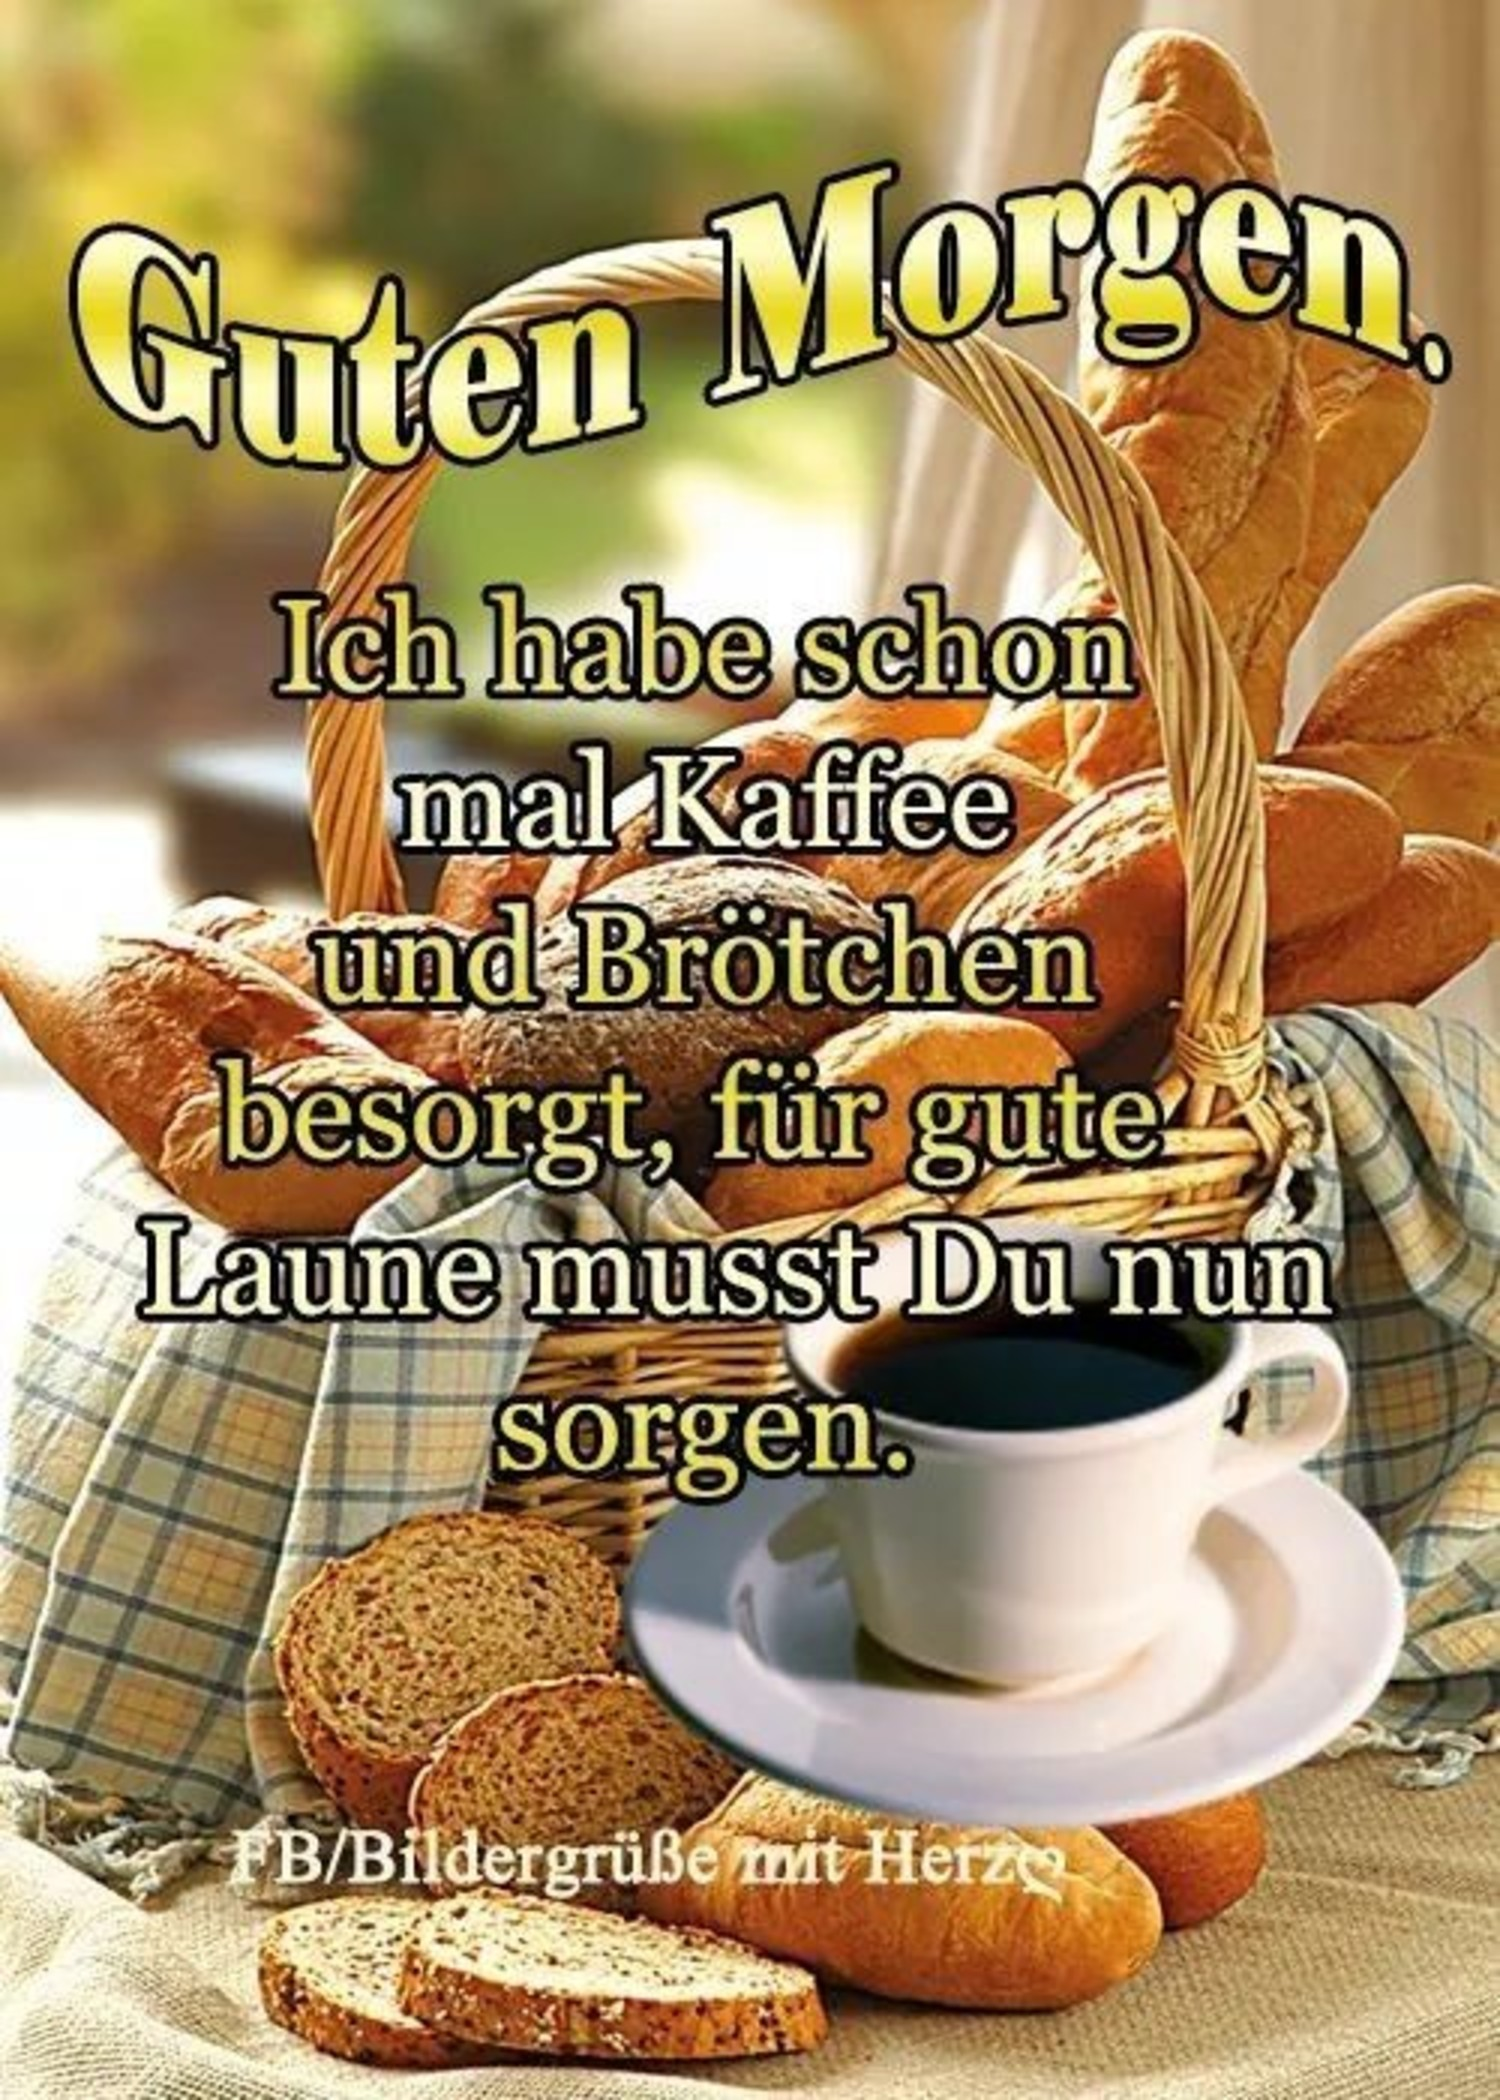 Morgen Kaffee Sprüche